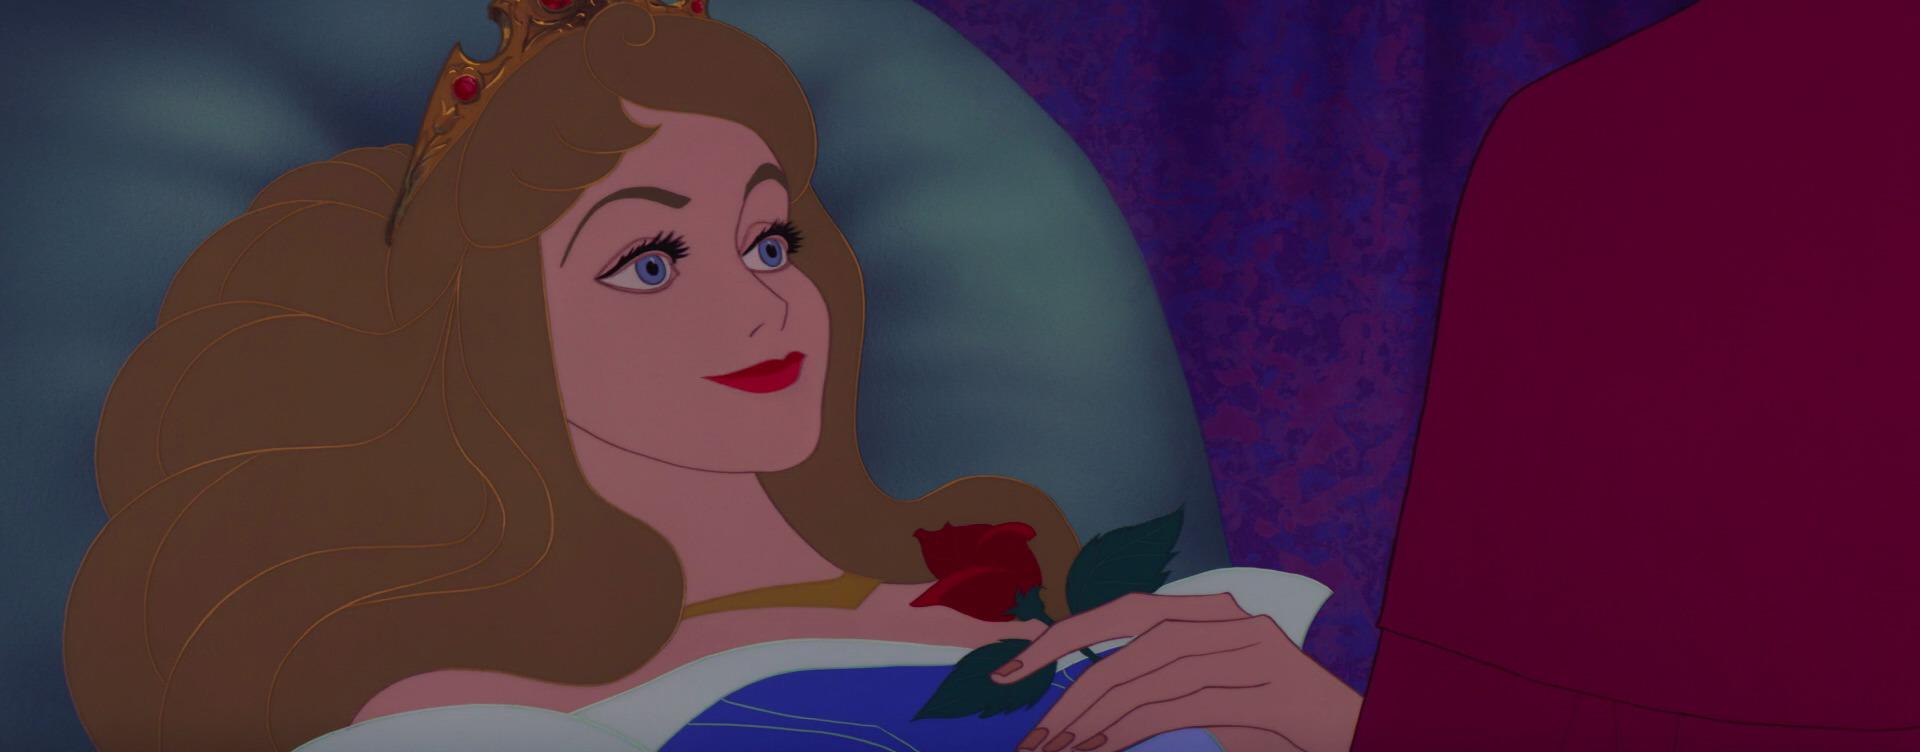 Image Awakeningg Disney Wiki Fandom Powered By Wikia